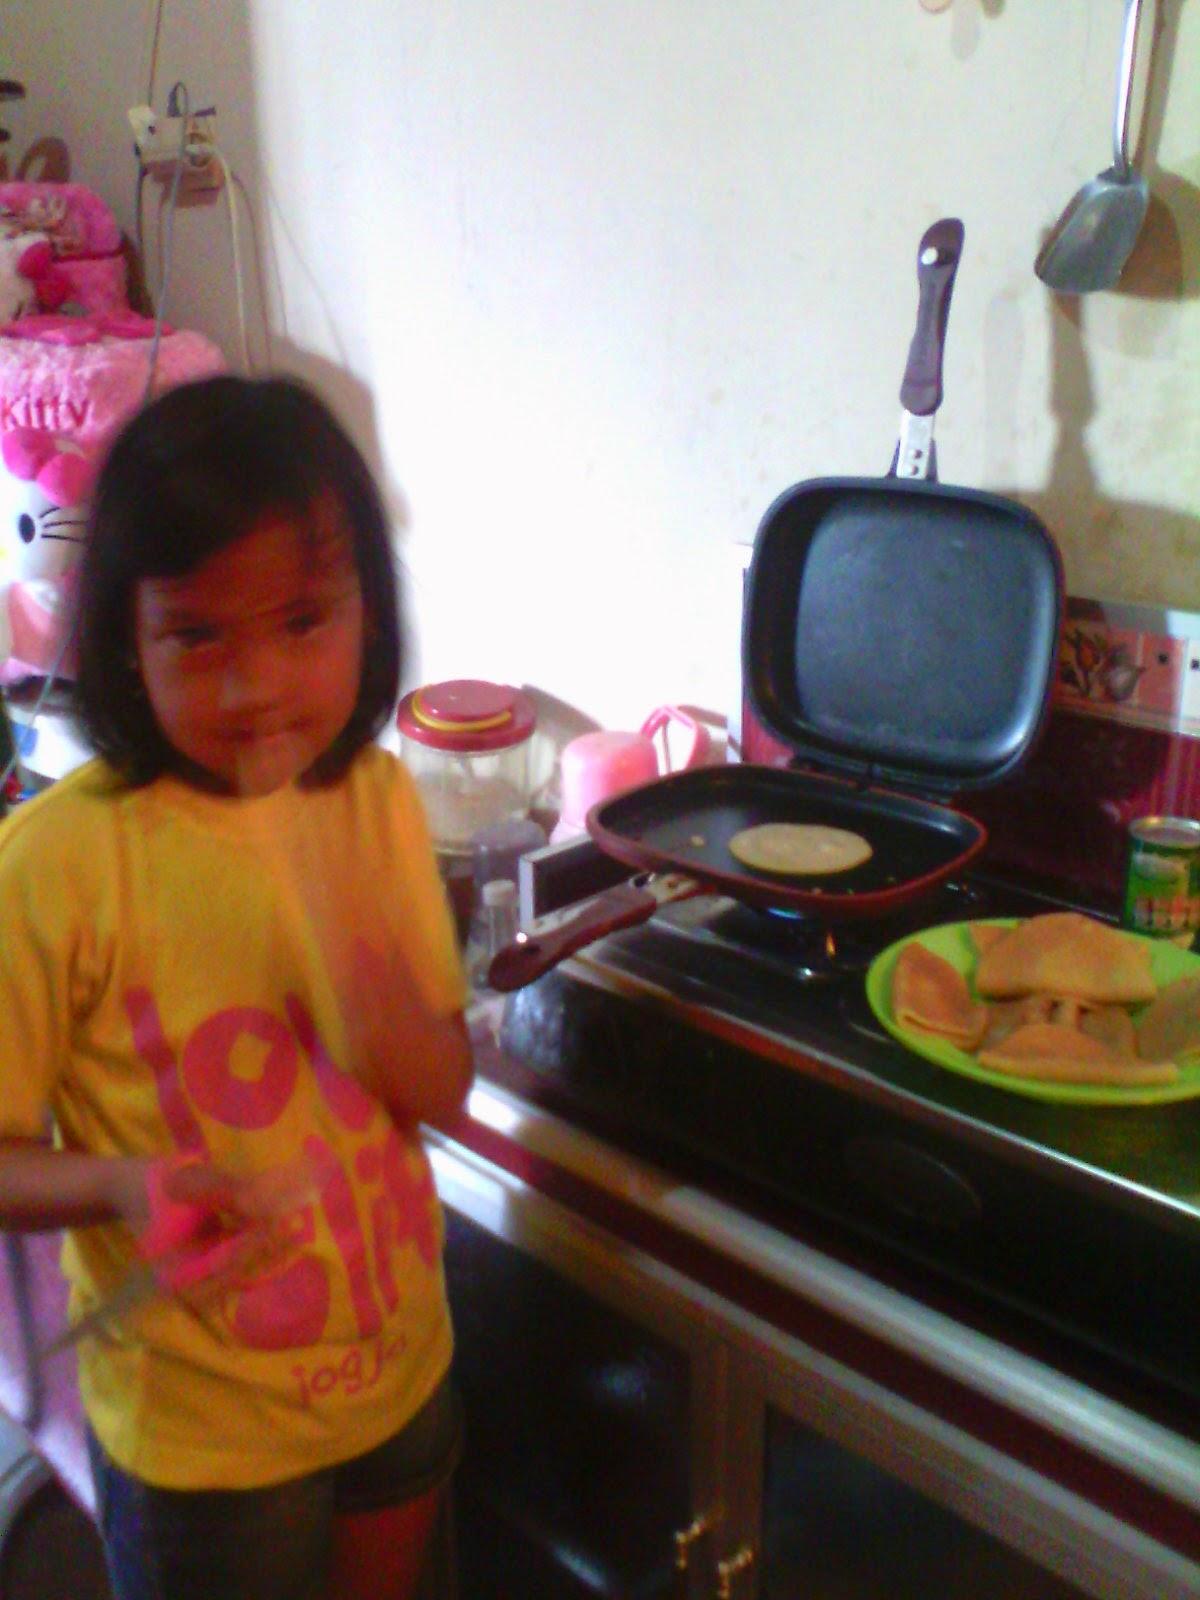 Saya Termasuk Irt Ibu Rumah Tangga Yang Ga Hobi Di Dapur Bisa Memanjakan Suami Dan Anak Dengan Masakan2 Masakan Lezat Hasil Tangan